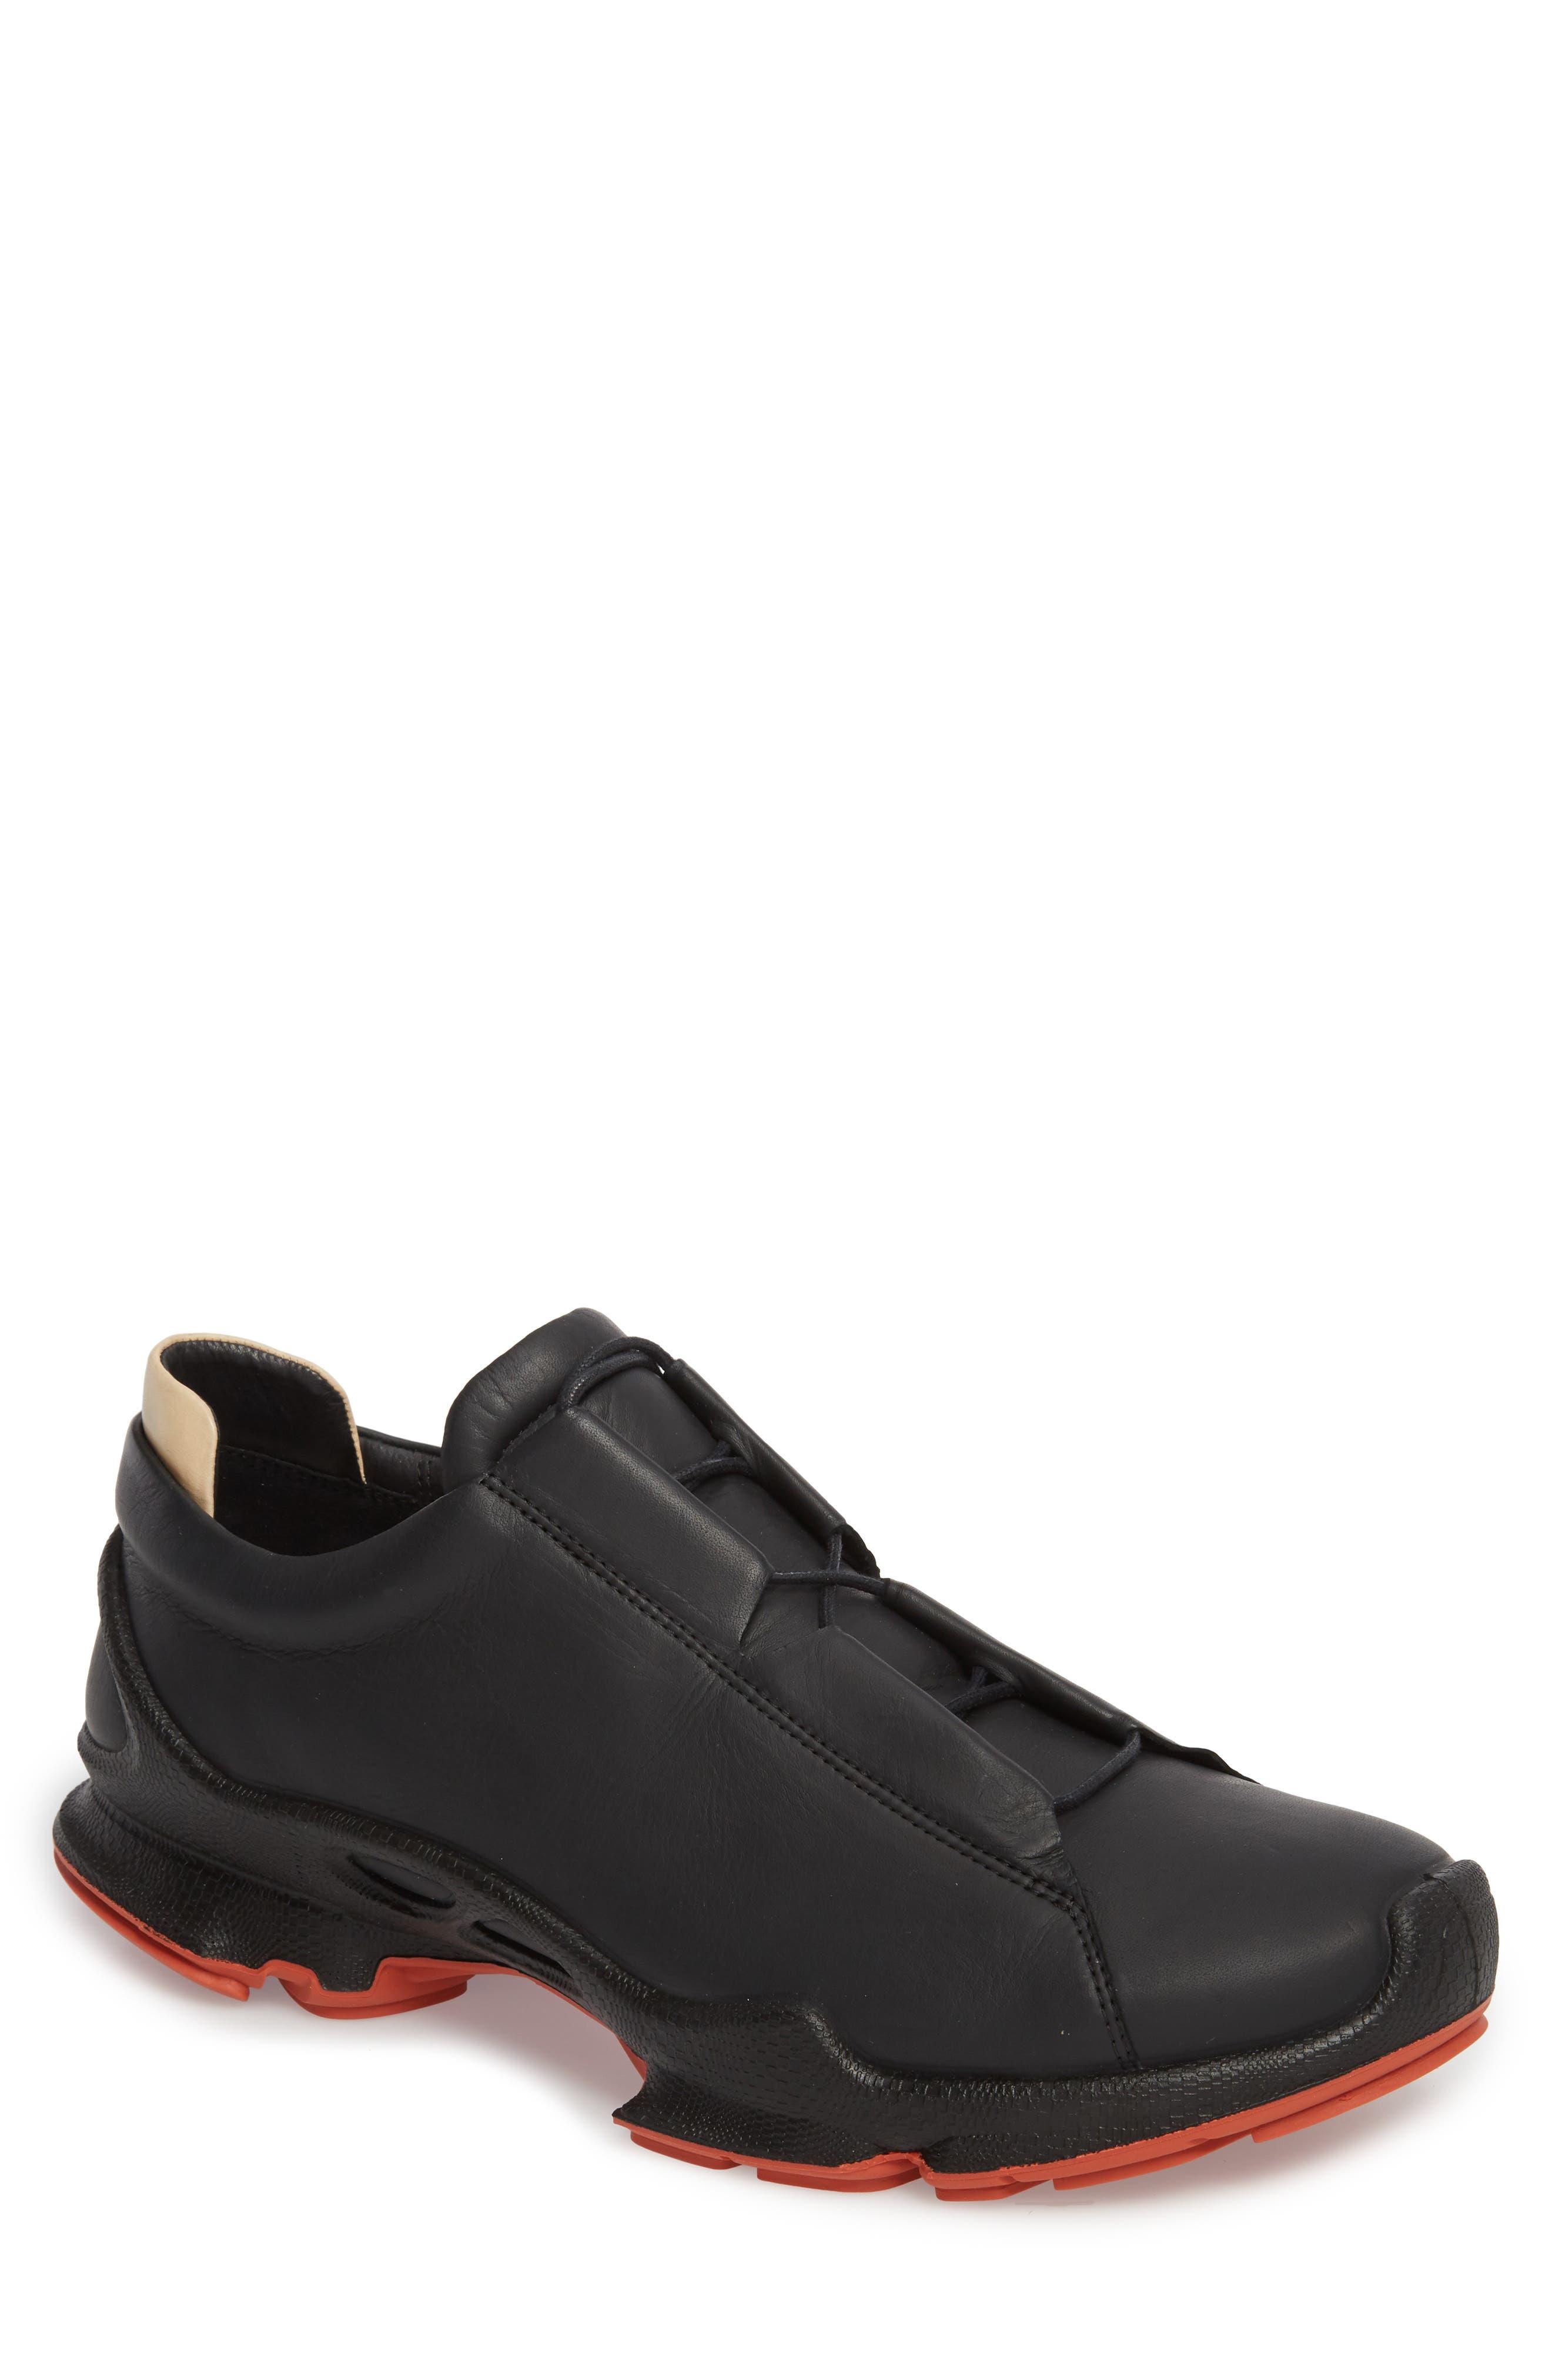 BIOM C Low Top Sneaker,                         Main,                         color, 003